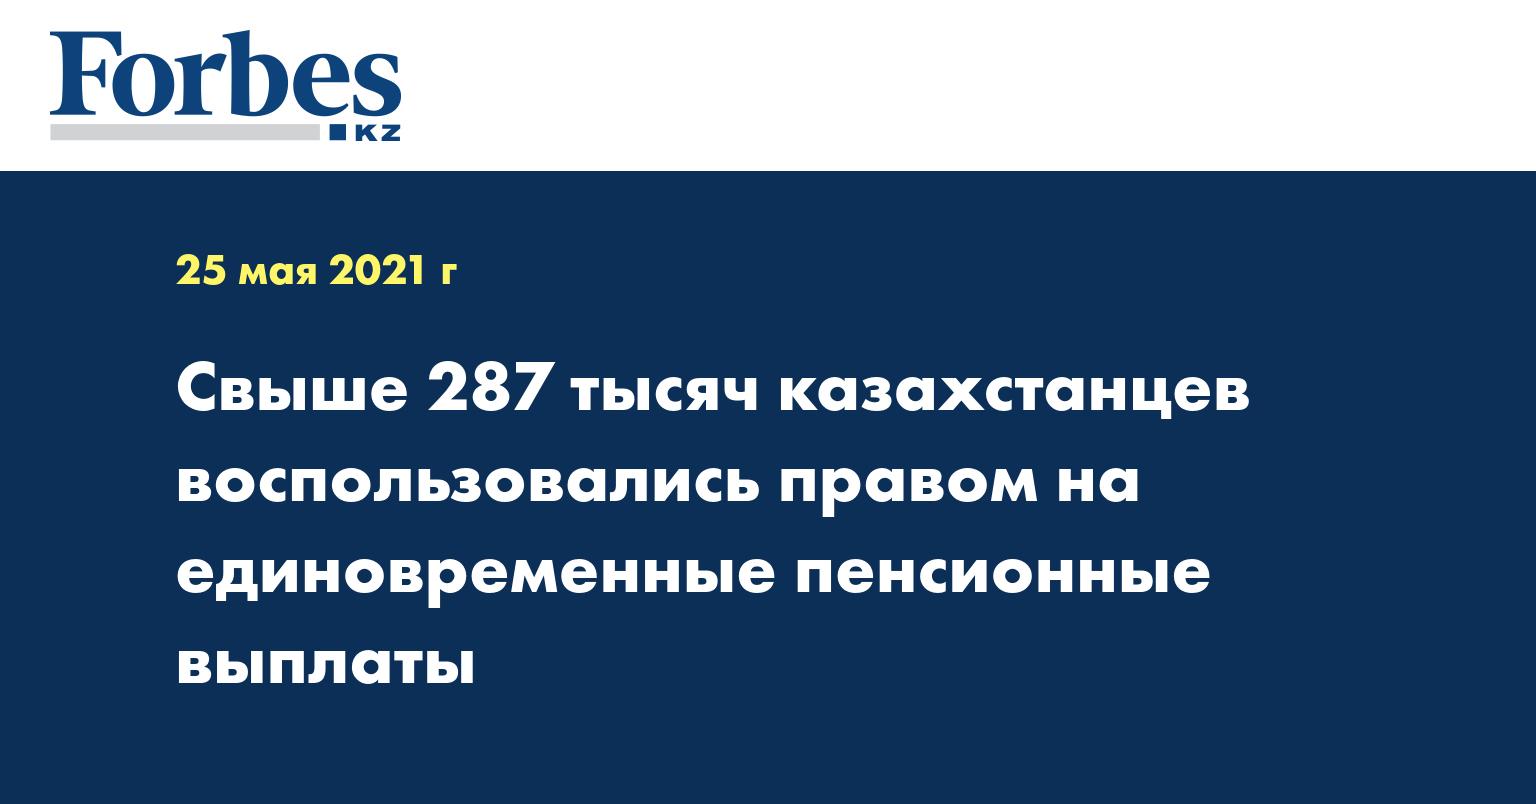 Свыше 287 тысяч казахстанцев воспользовались правом на единовременные пенсионные выплаты